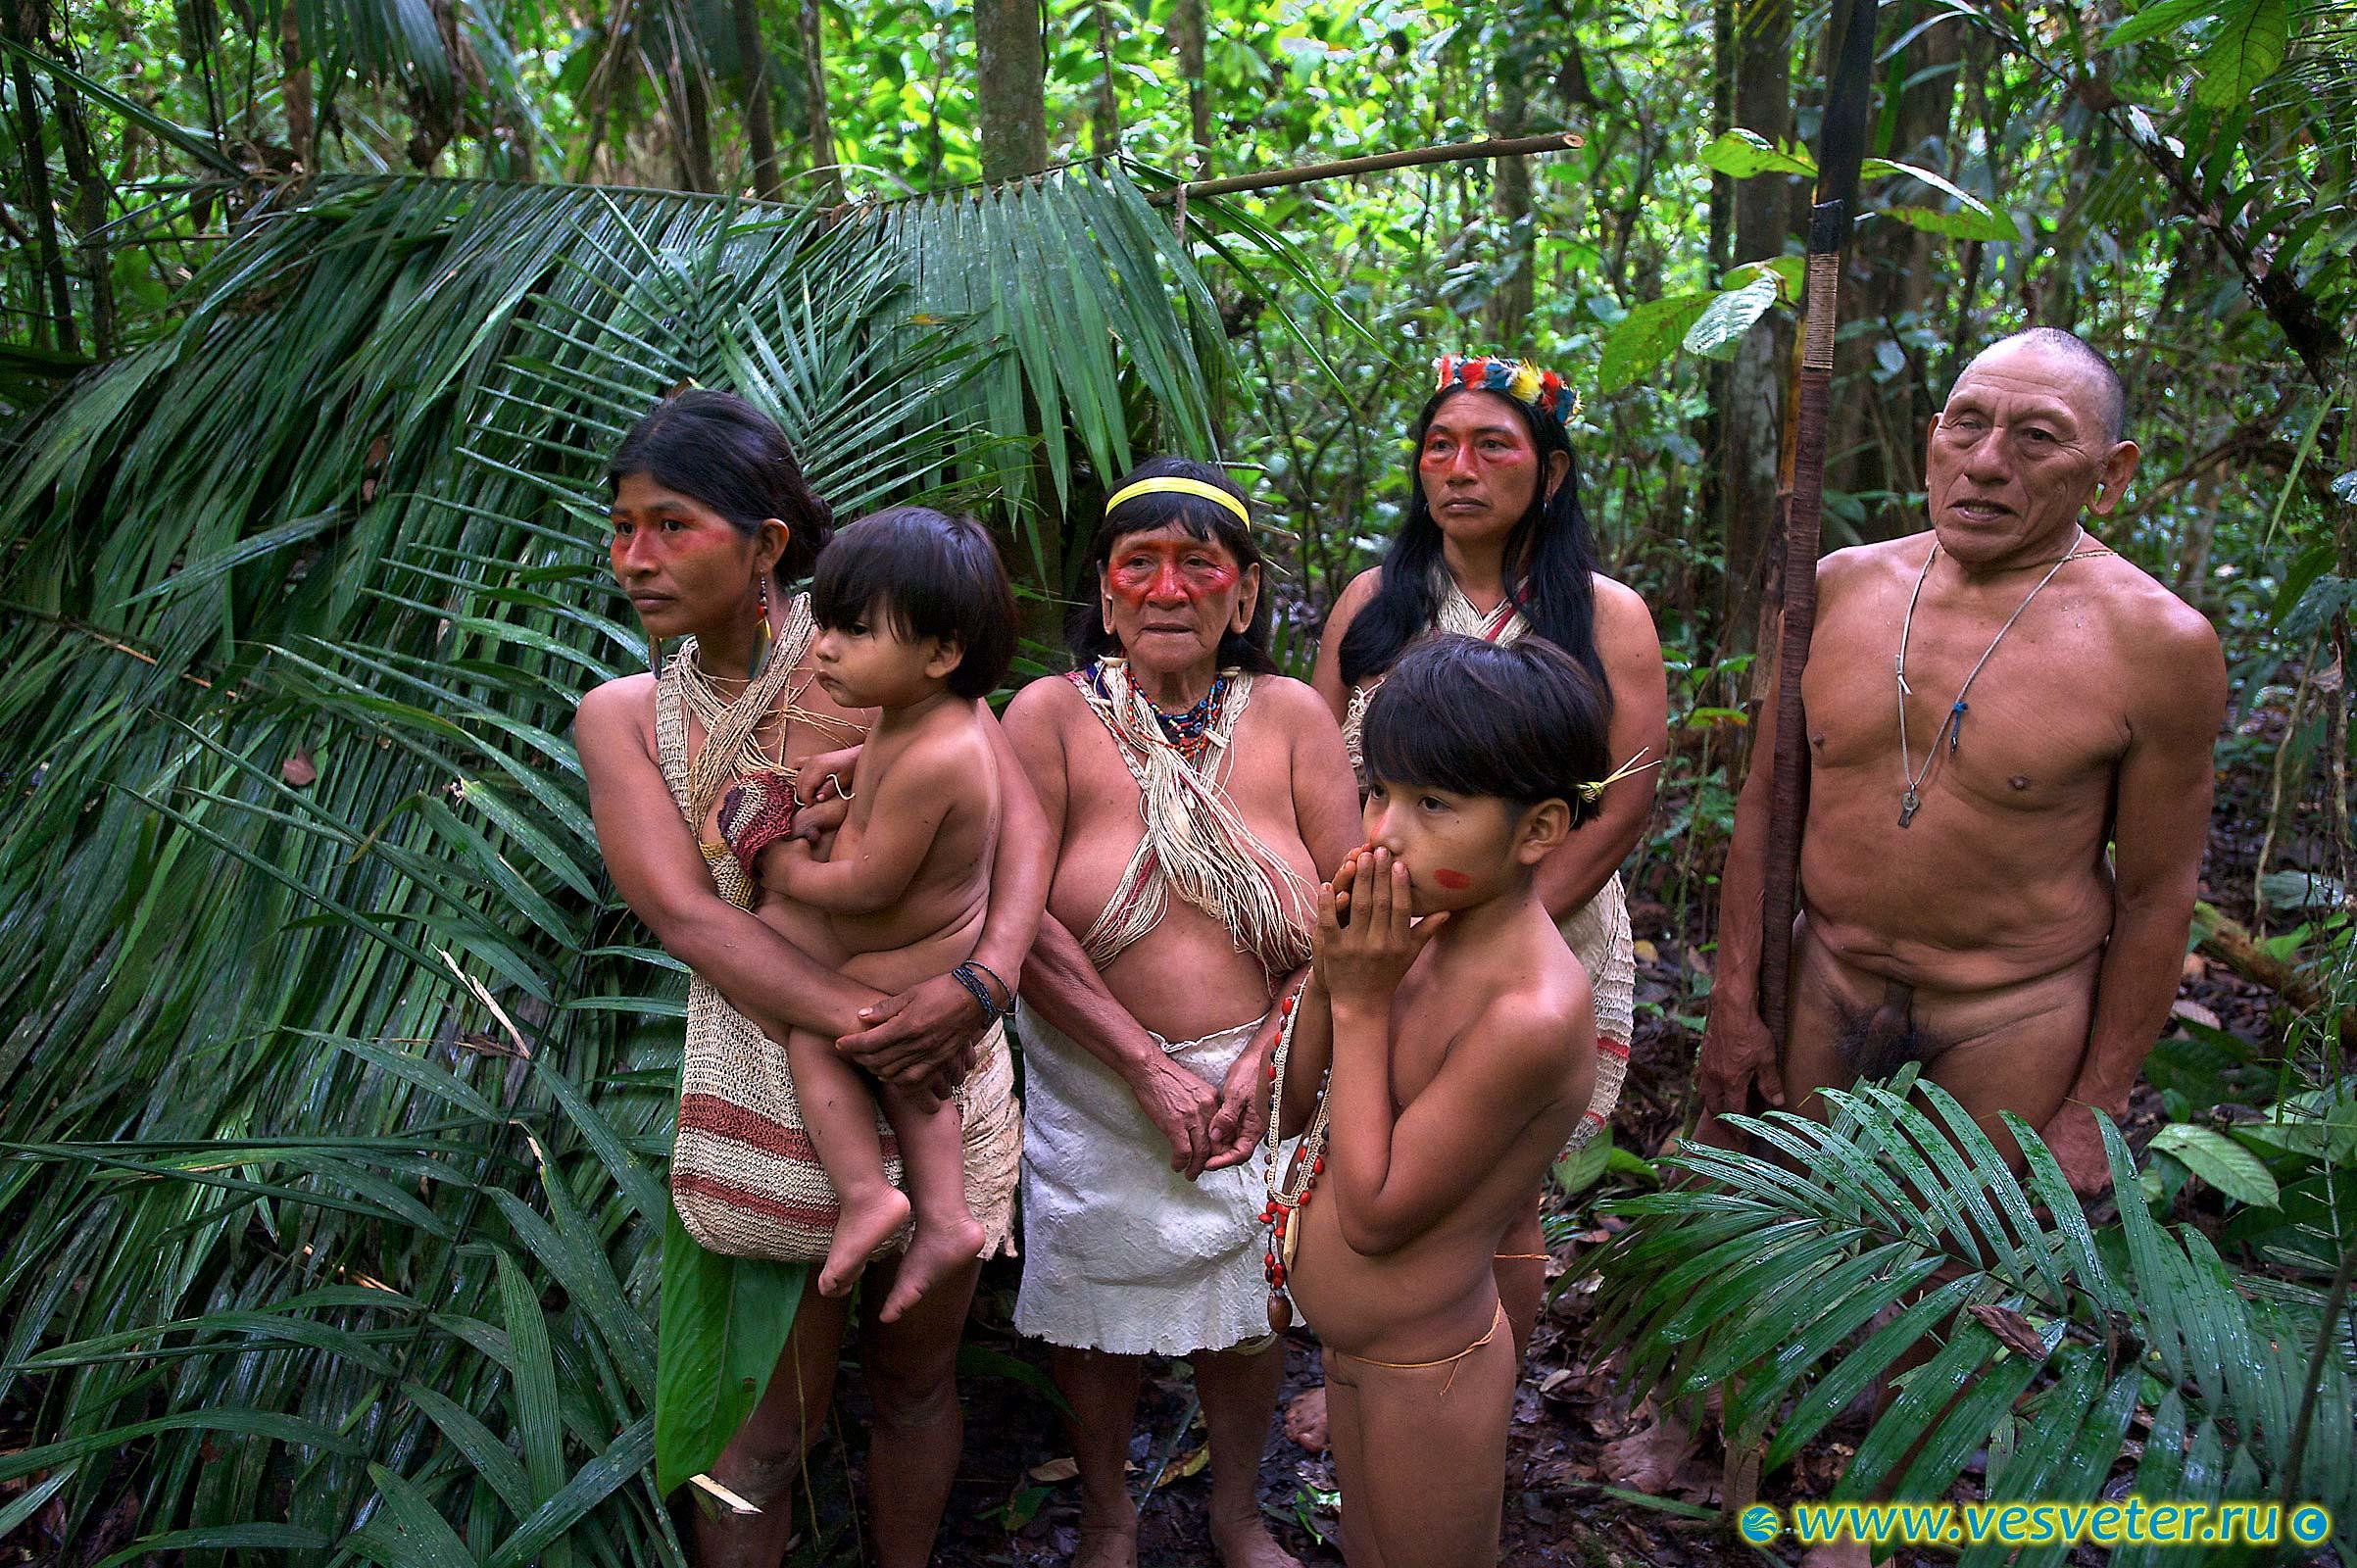 Порно, фото голые племена индейцев